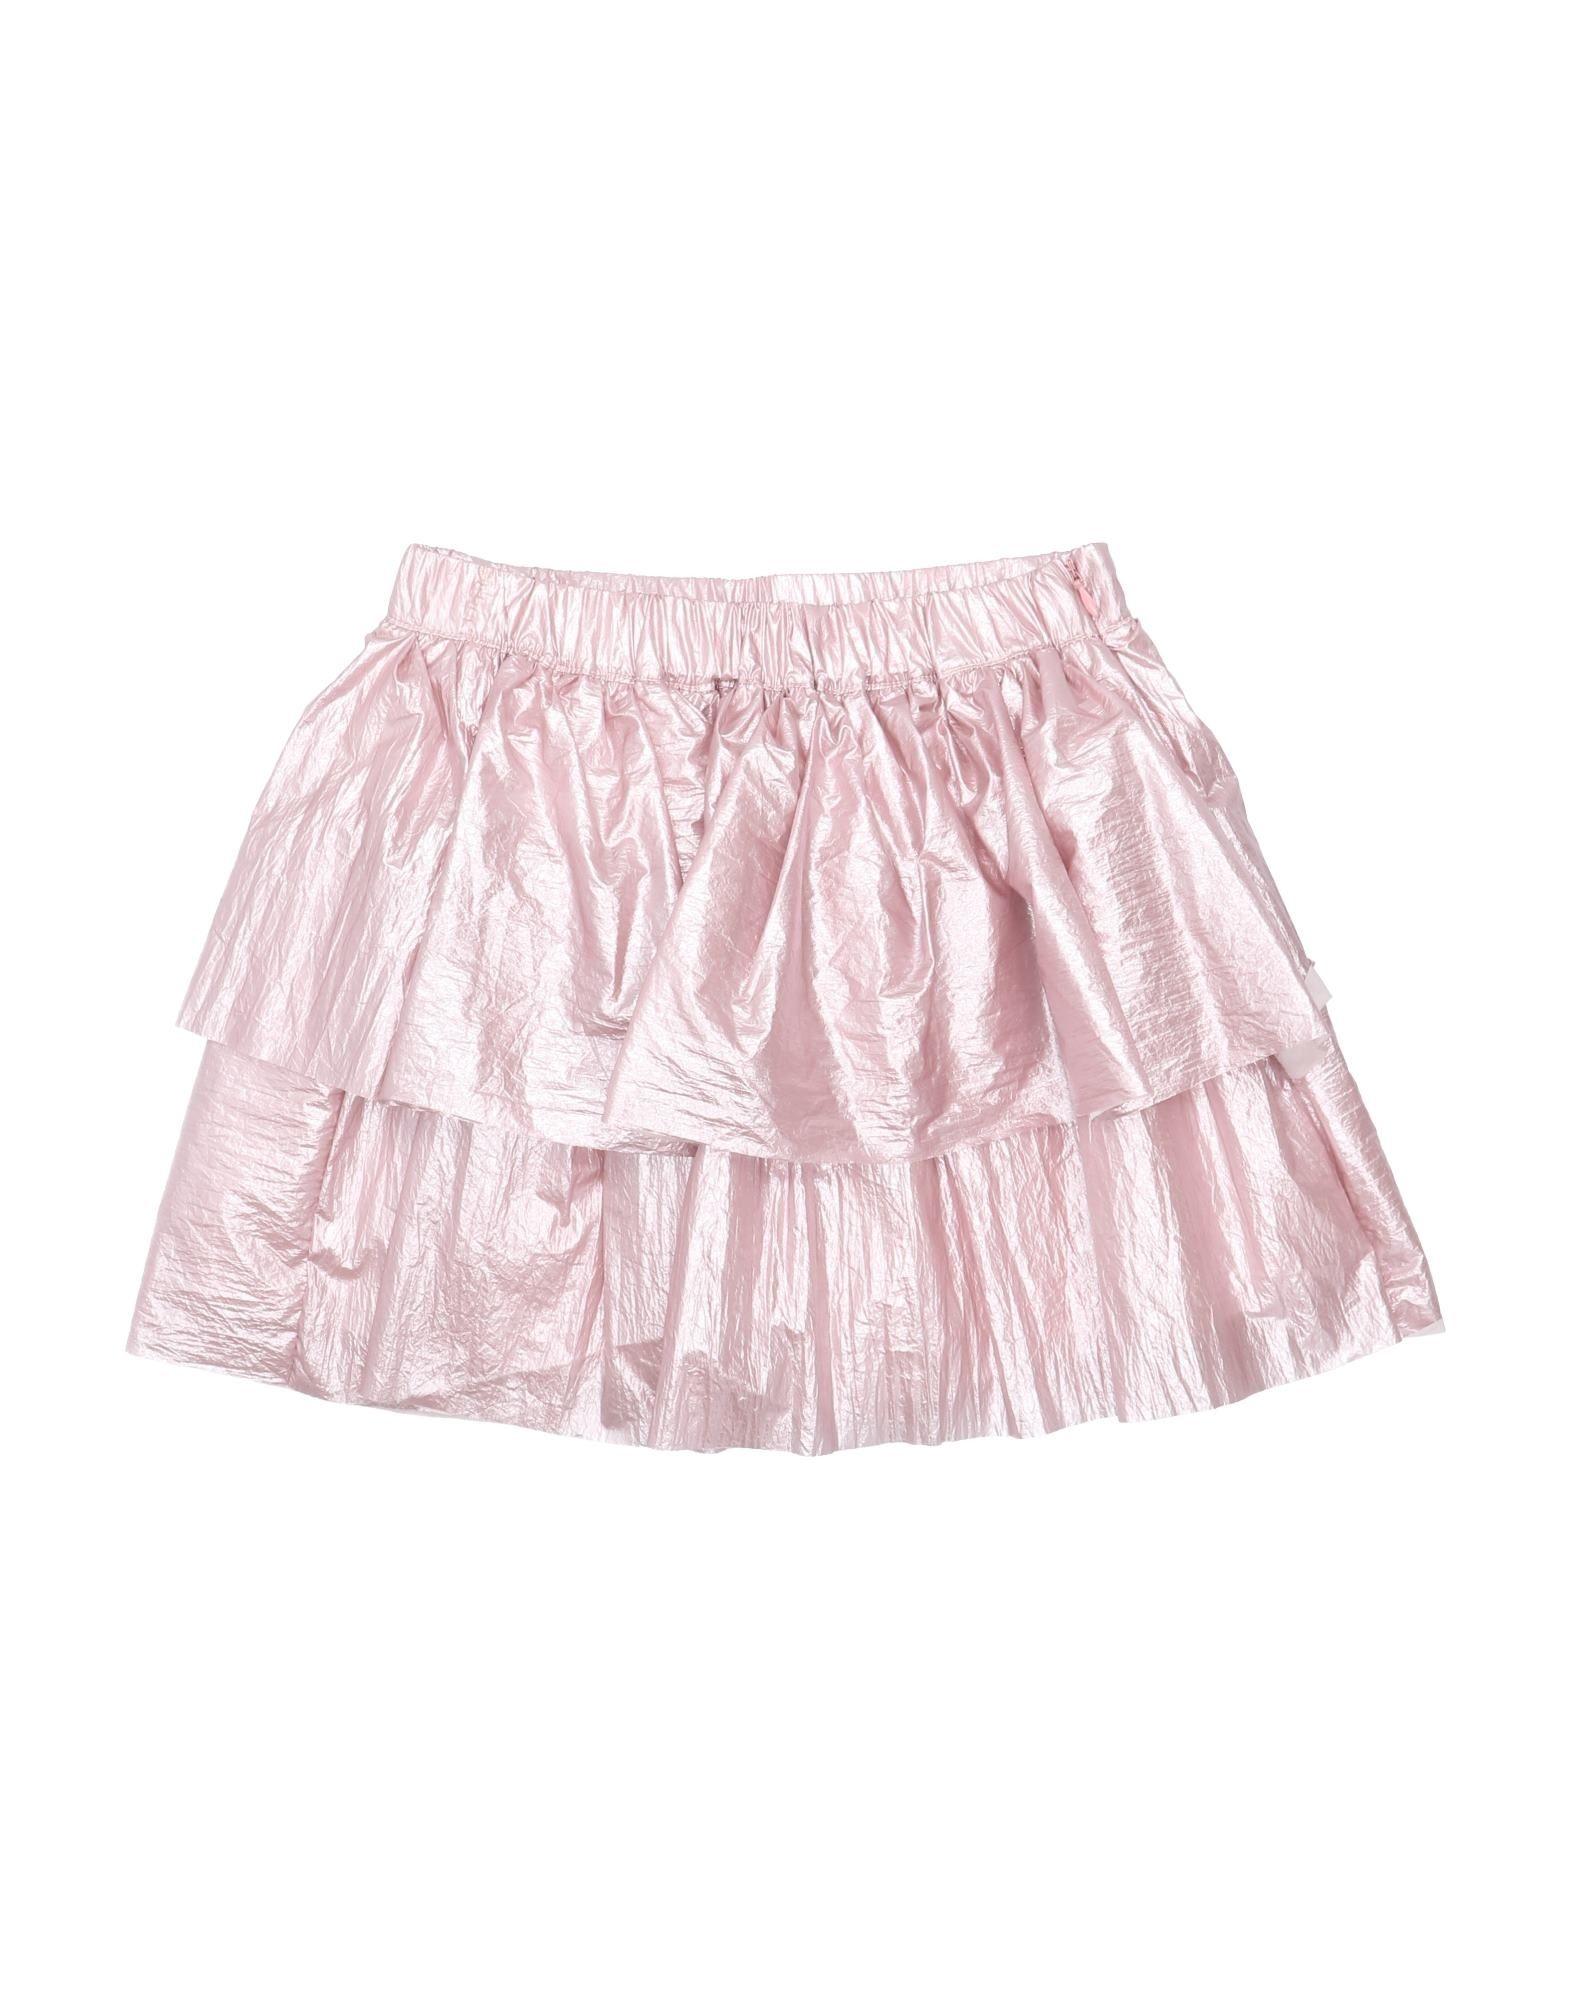 VICTORIA & STELLA Skirts - Item 35452827